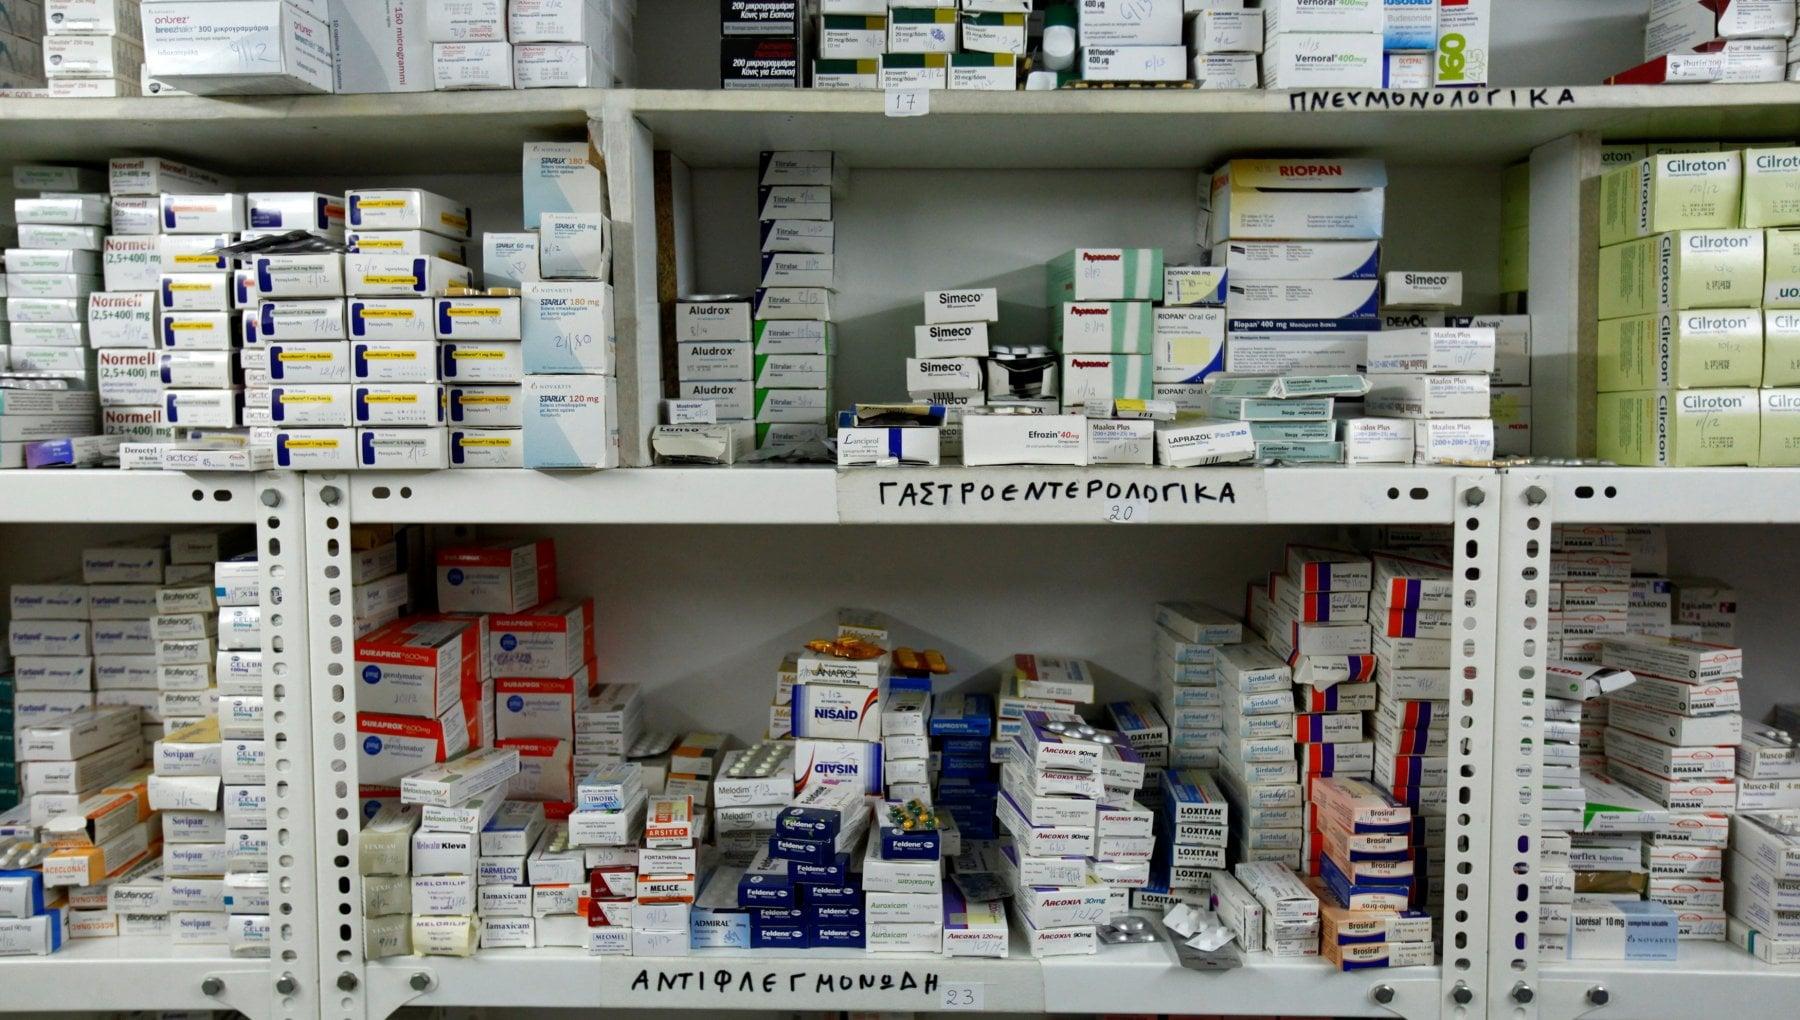 """102356588 db824d1e 6cf2 46e1 81bd bbe7d011d1aa - Farmaci, un terzo degli anziani ne usa 10 insieme. Brusaferro: """"Rischio abuso"""". Nelle Rsa troppi psicofarmaci"""